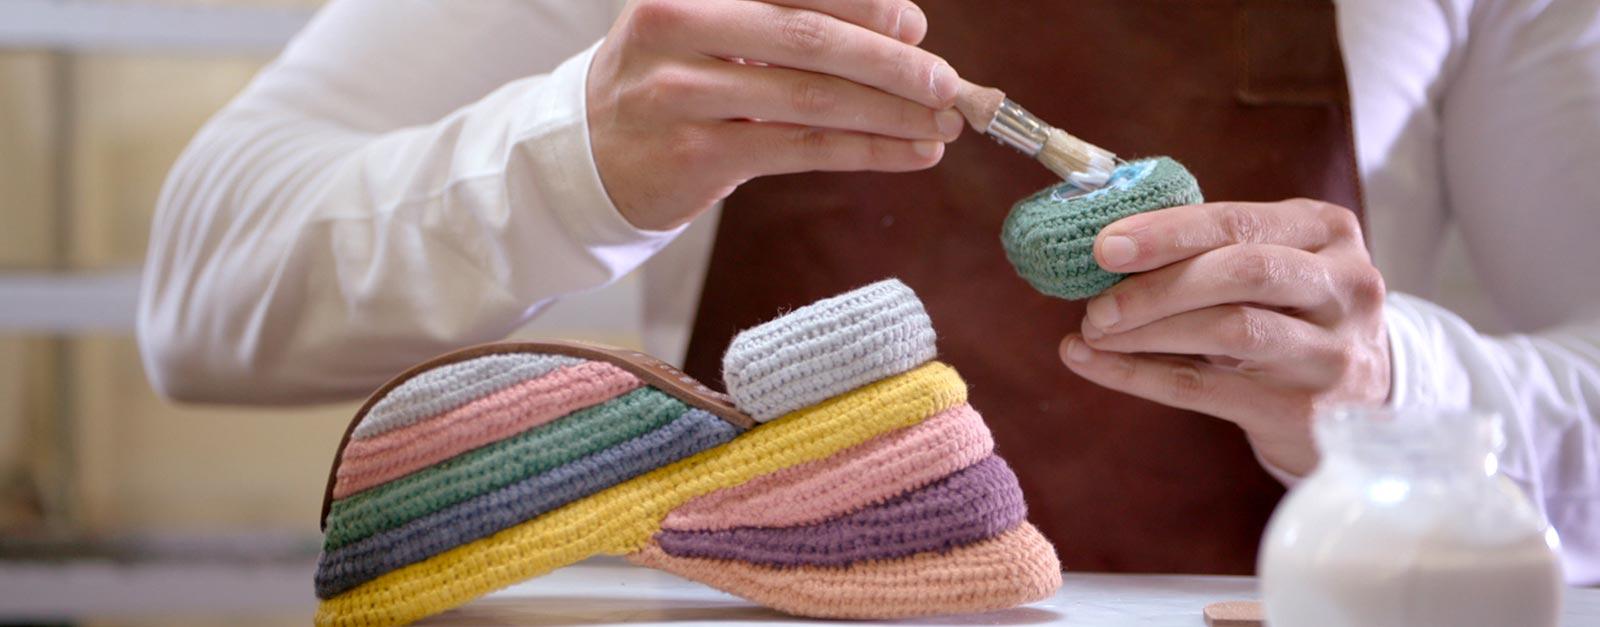 Moda Sostenibile Salvatore Ferragamo Rainbow Future